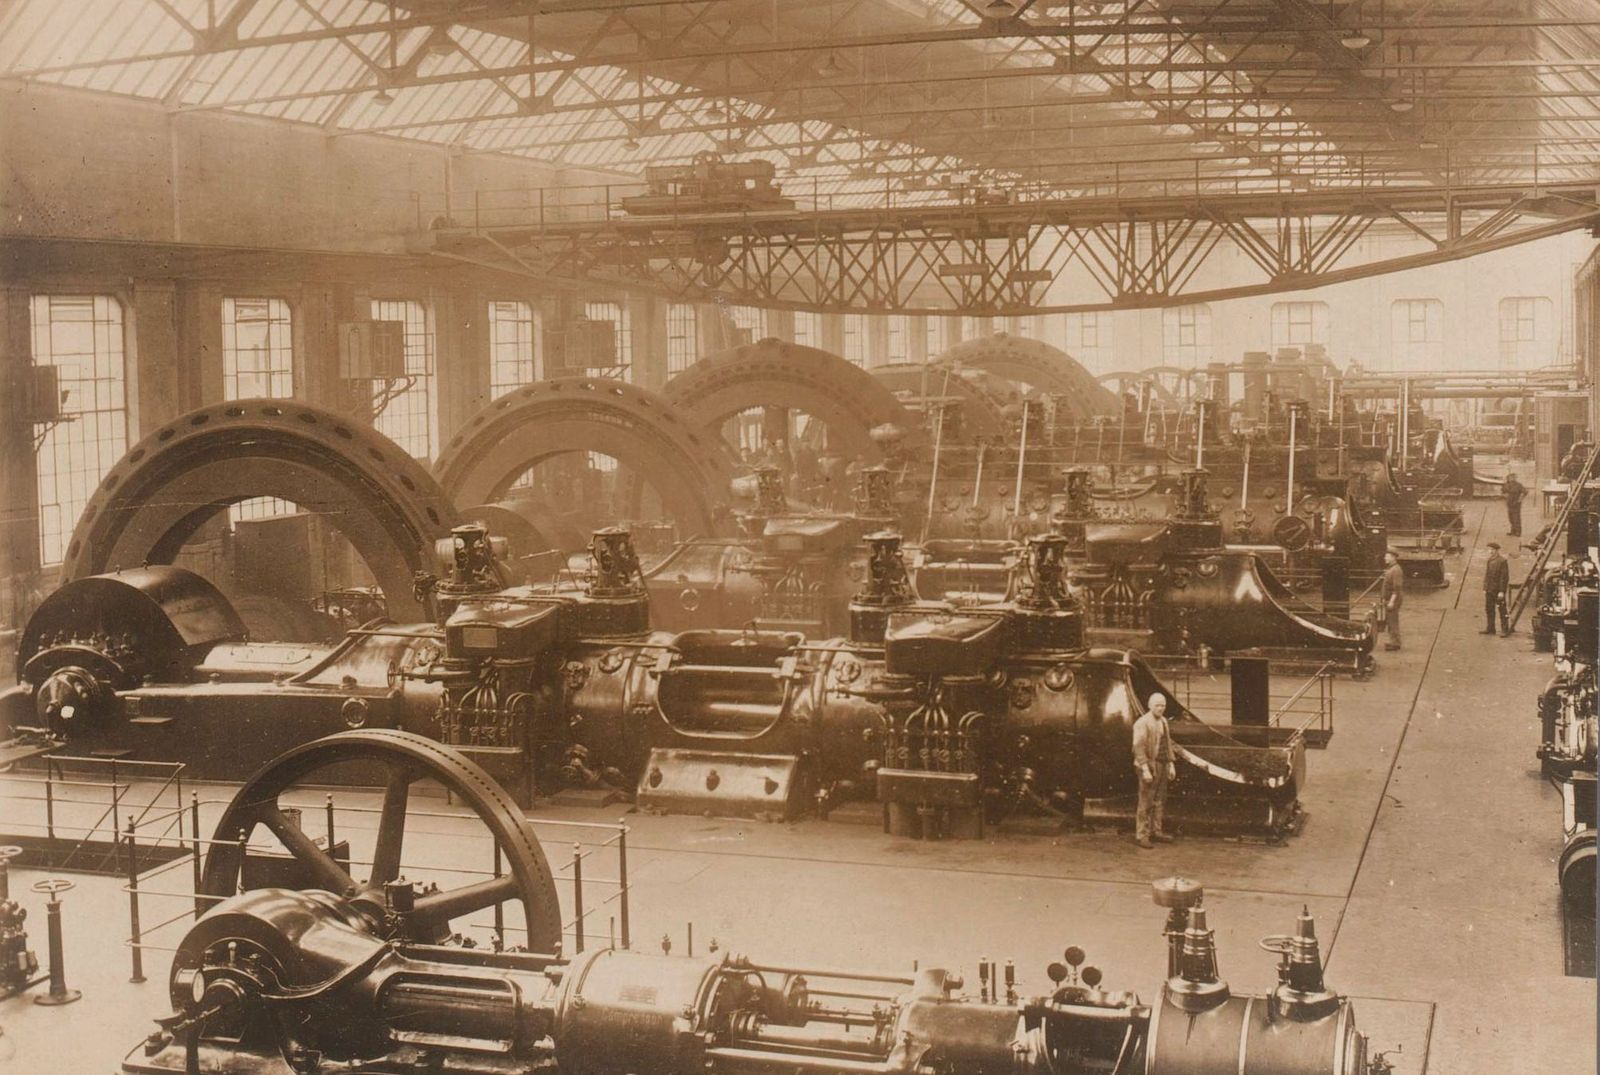 Fabriekshal_met_machines_en_apparatuur,_Duitsland,_RP-F-00-6336